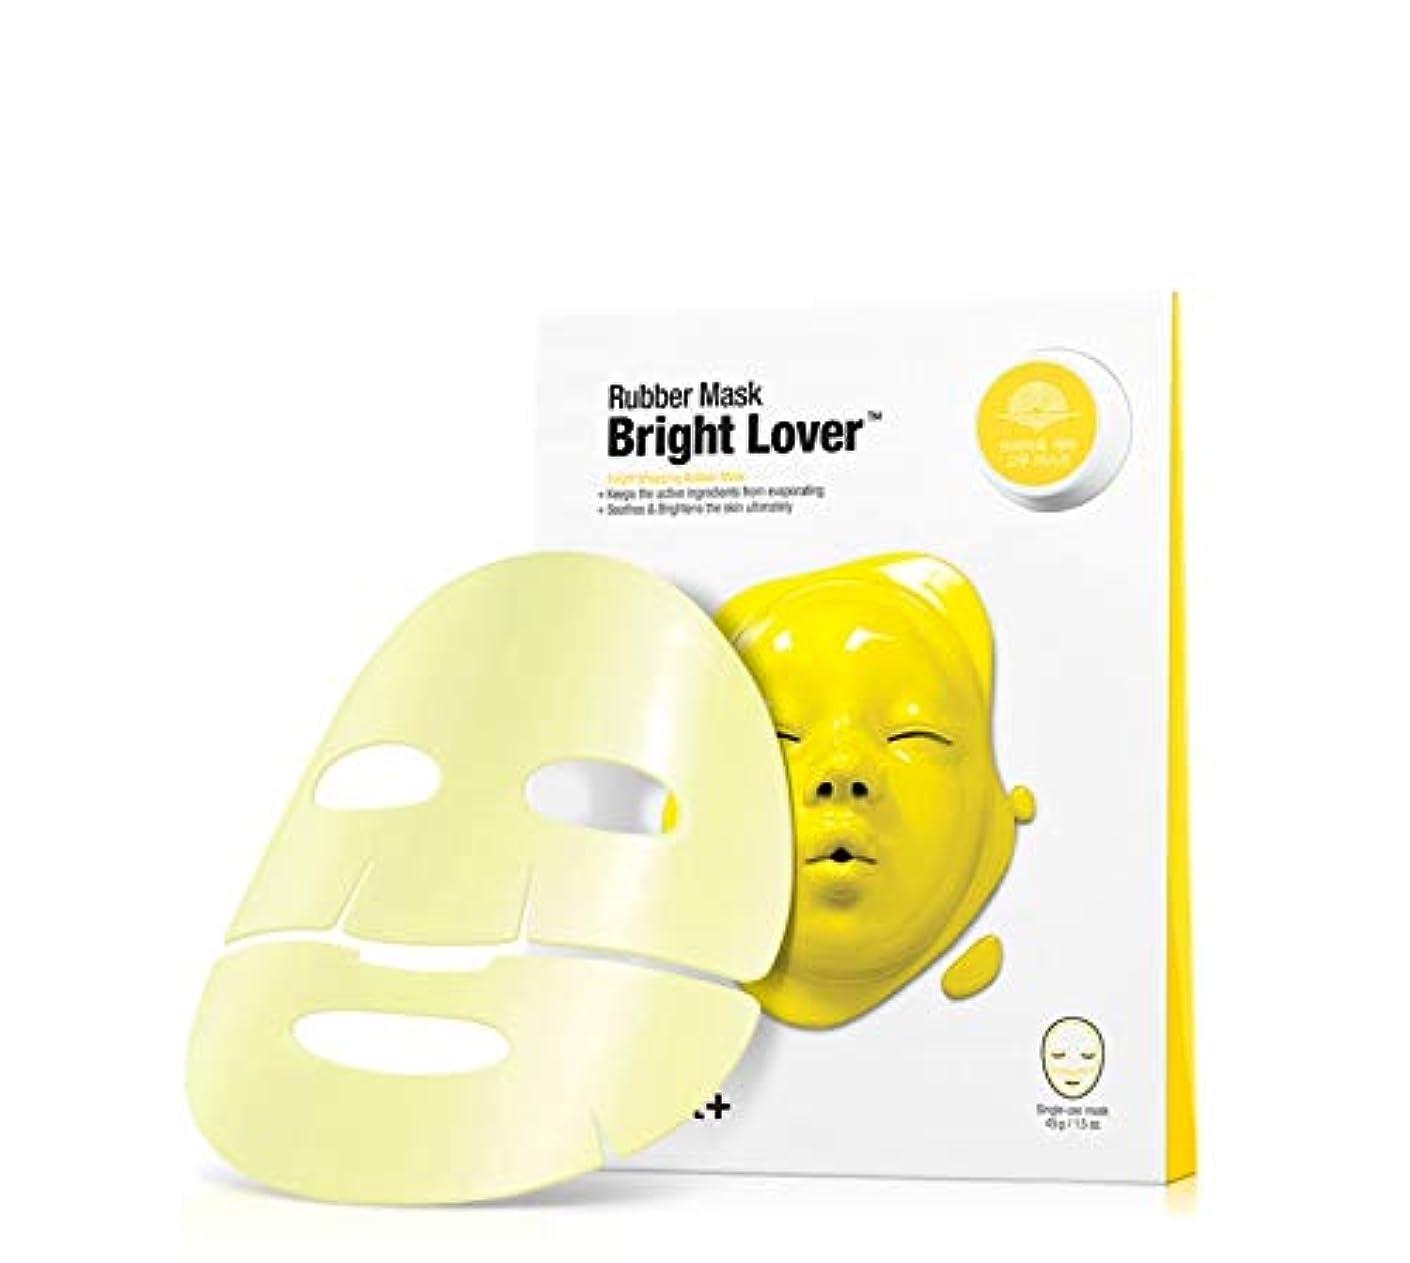 バラエティ台無しに五Dr. Jart Dermask Rubber Mask 1.5oz 1pcs (Bright Lover)